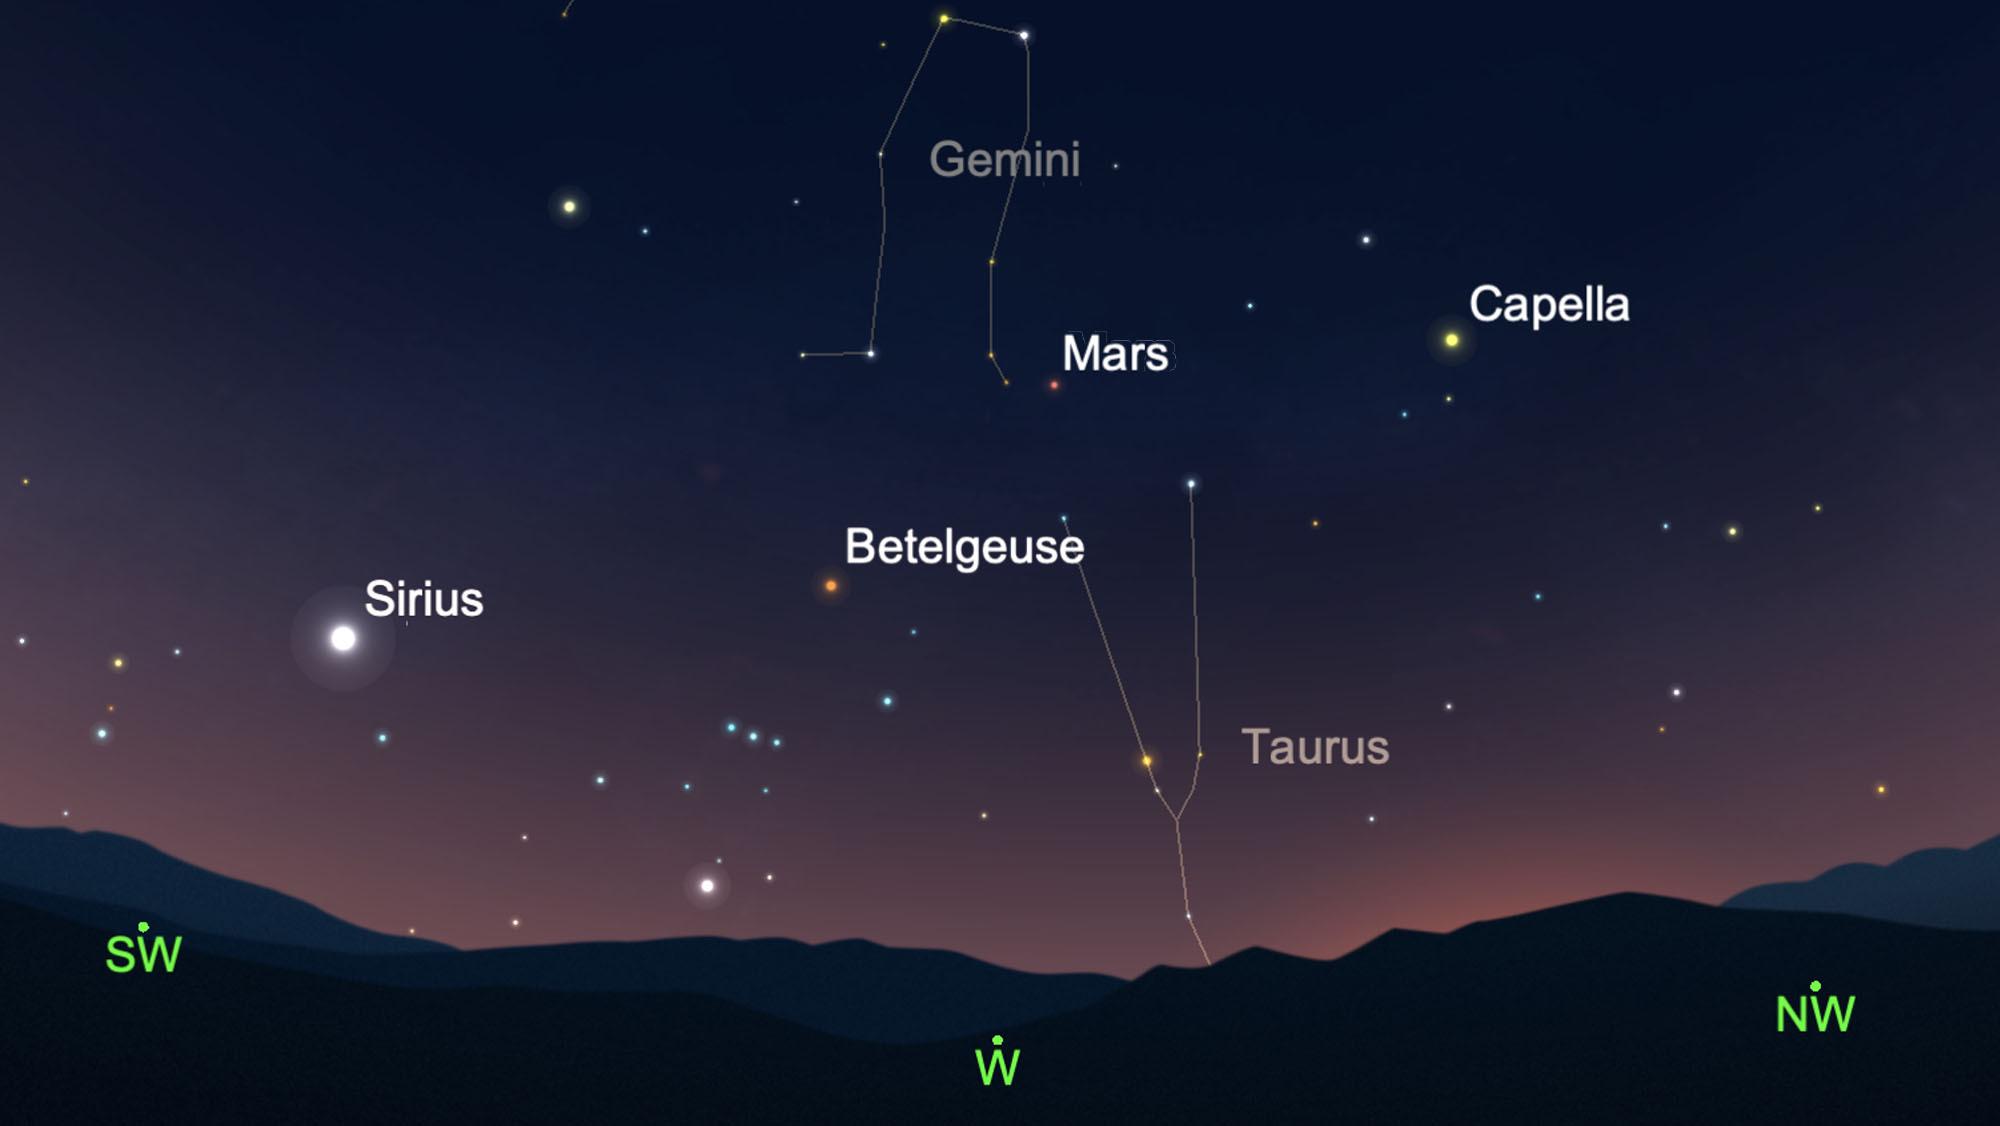 Voir Mars dans la constellation des Gémeaux le soir de la Super Lune Rose, le 26 avril 2021.